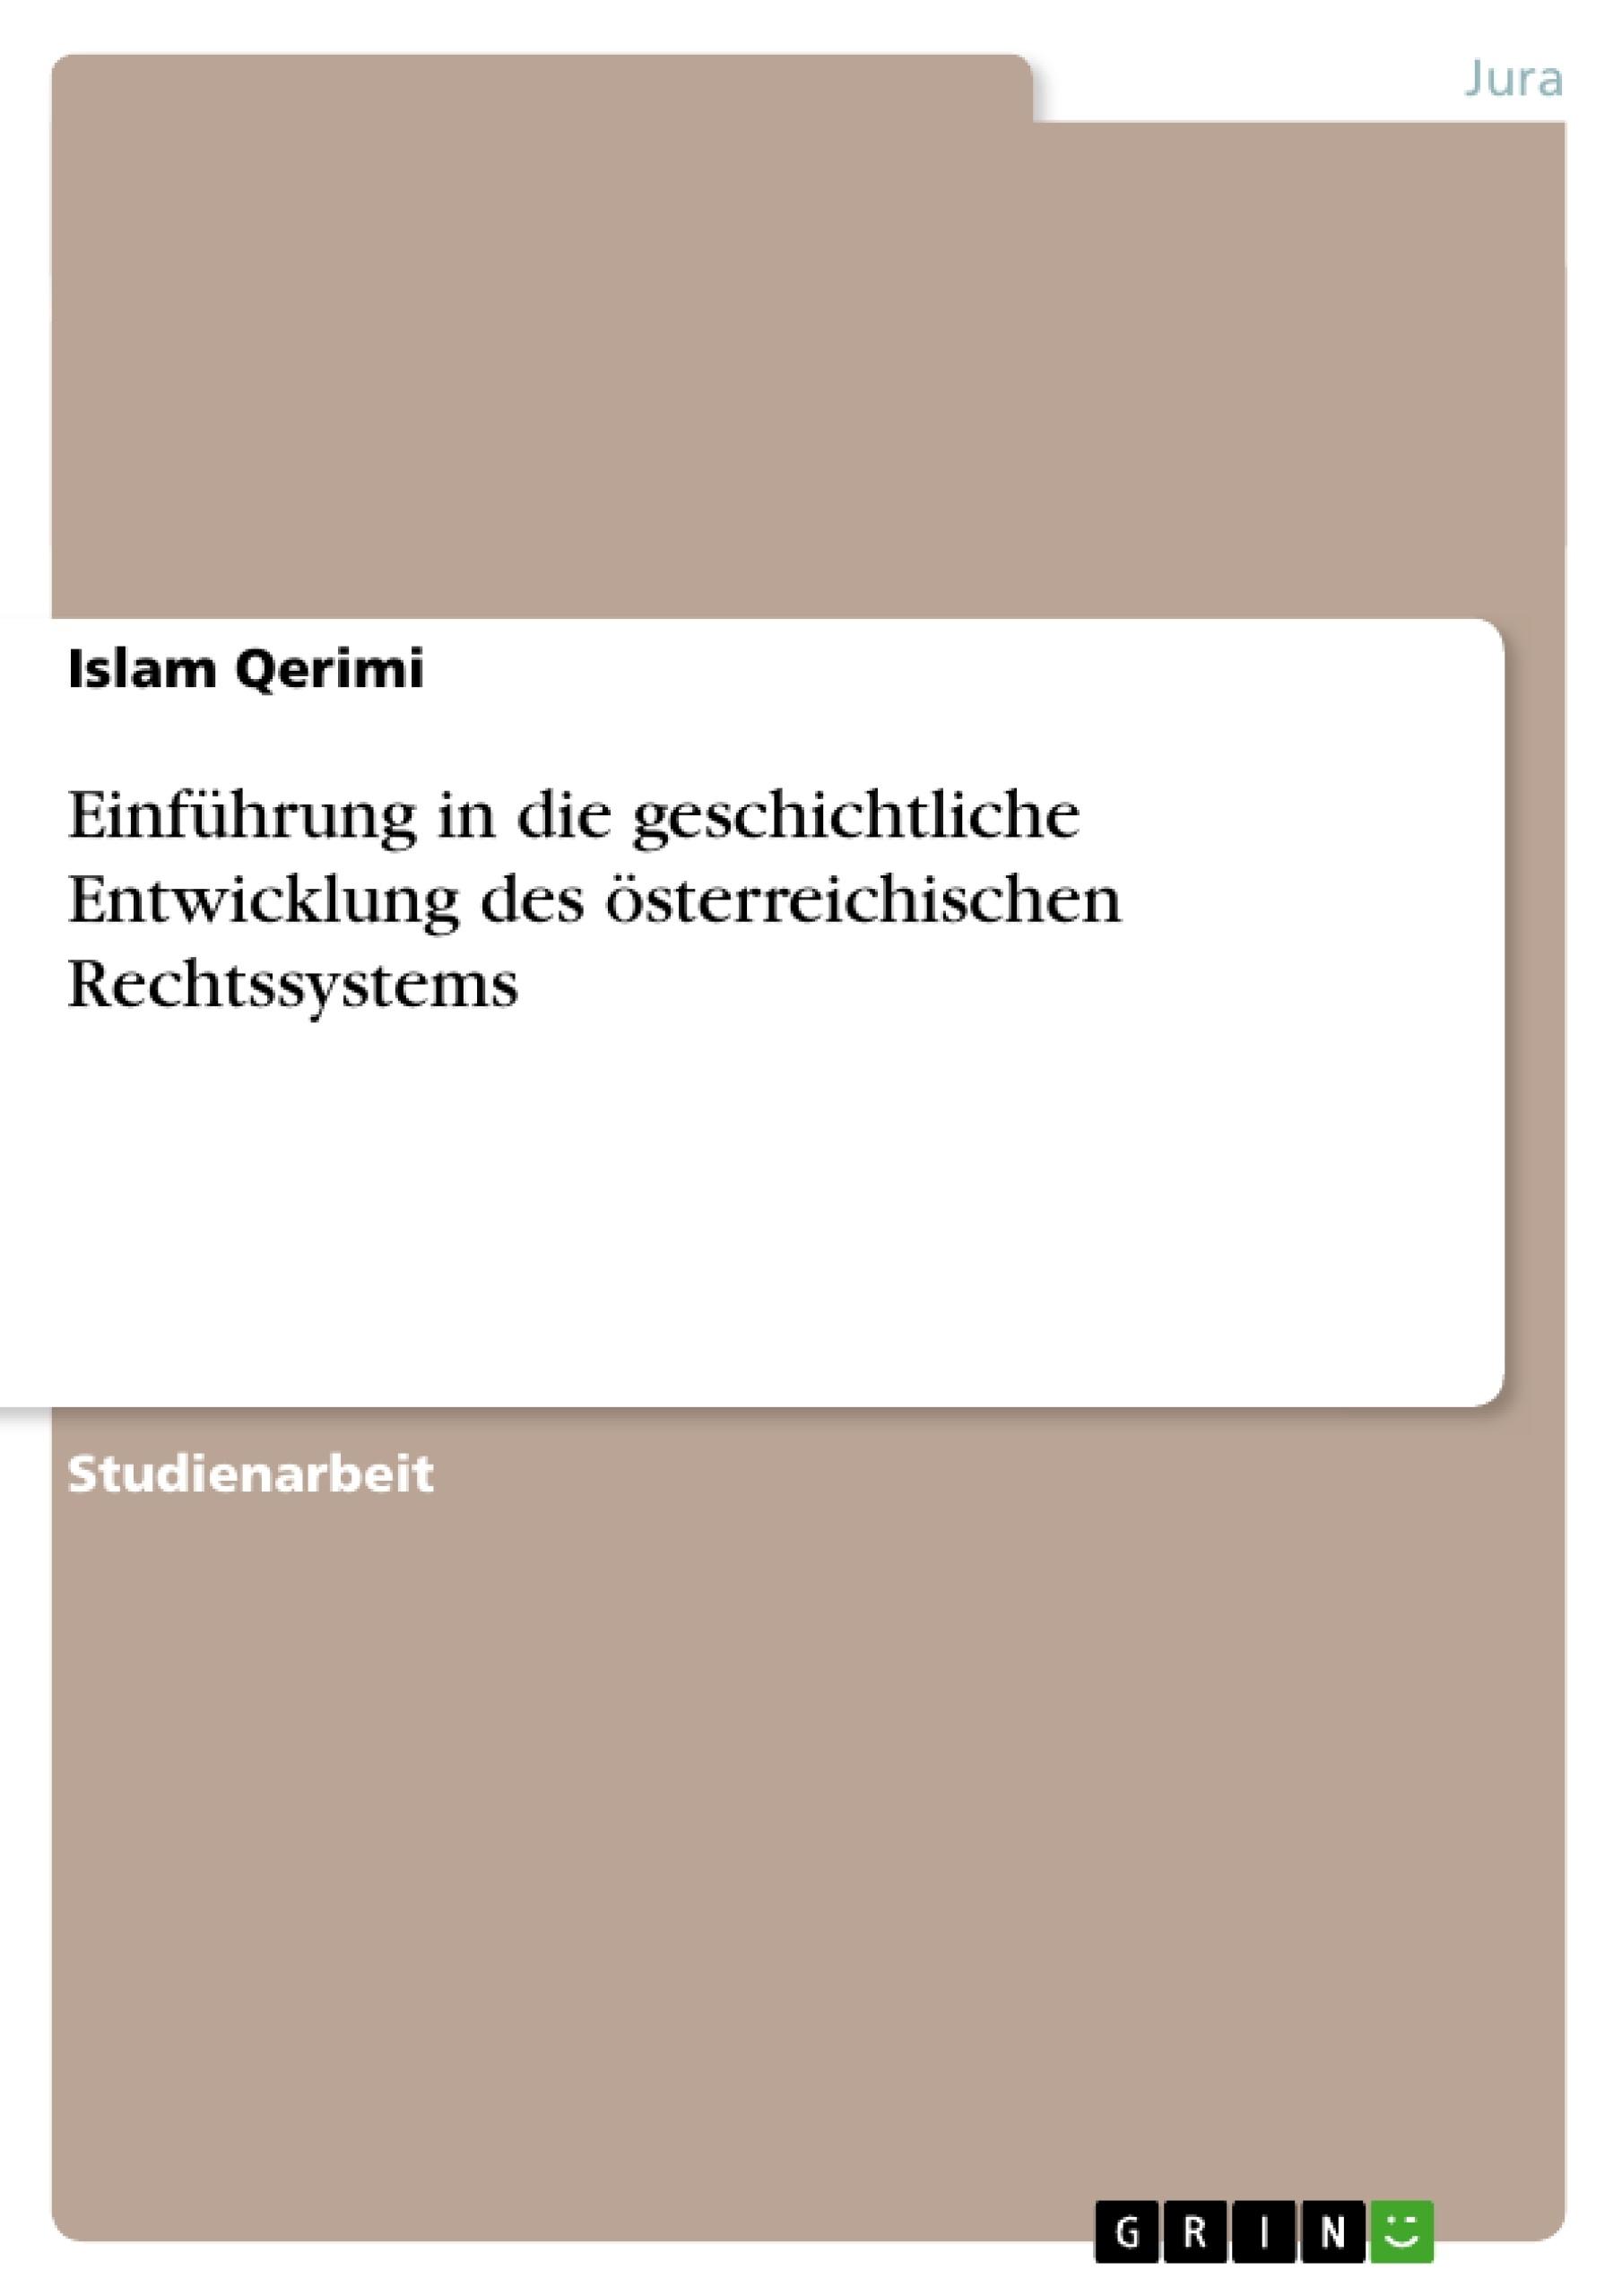 Titel: Einführung in die geschichtliche Entwicklung des österreichischen Rechtssystems